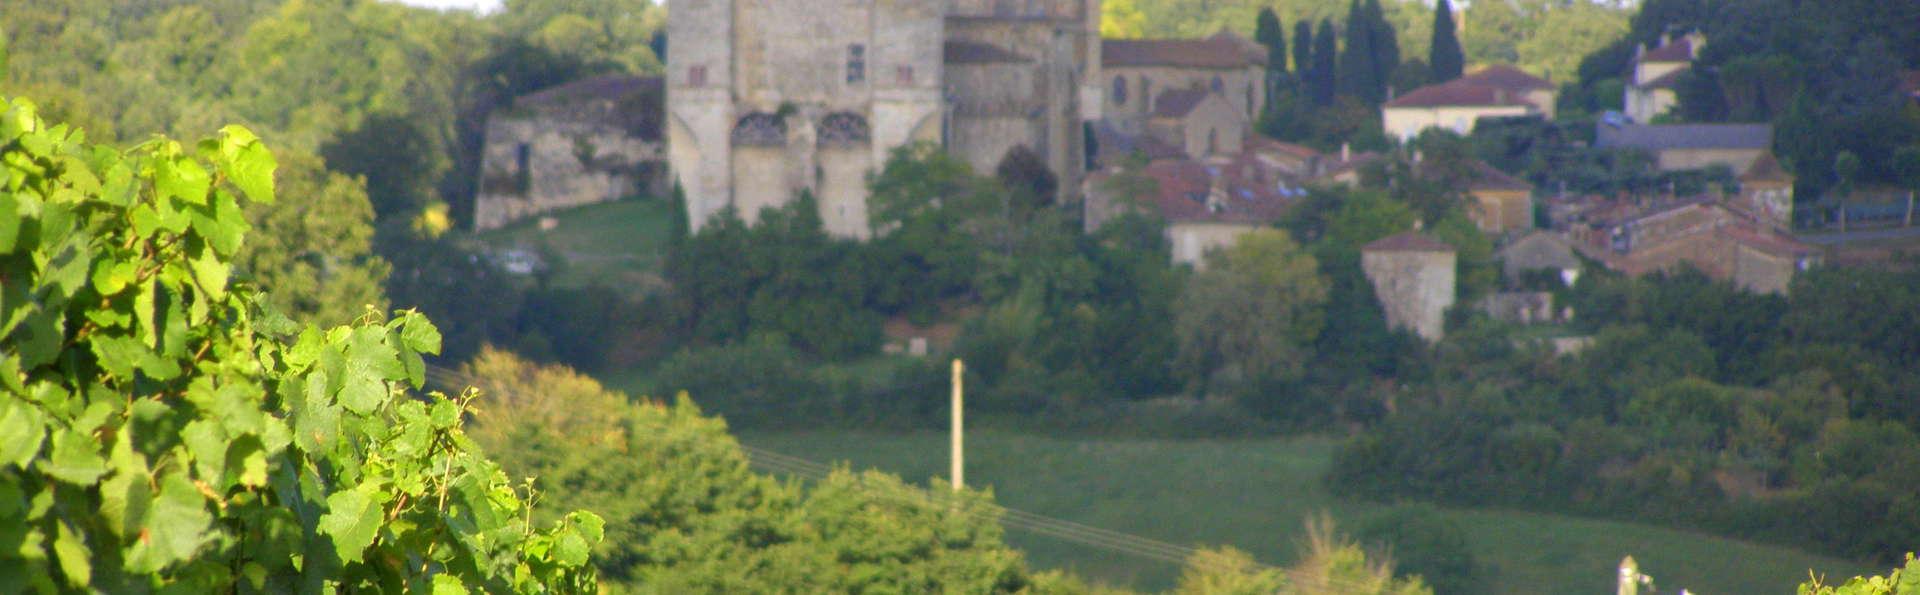 Les Celtes de Gascogne - P7280015.JPG